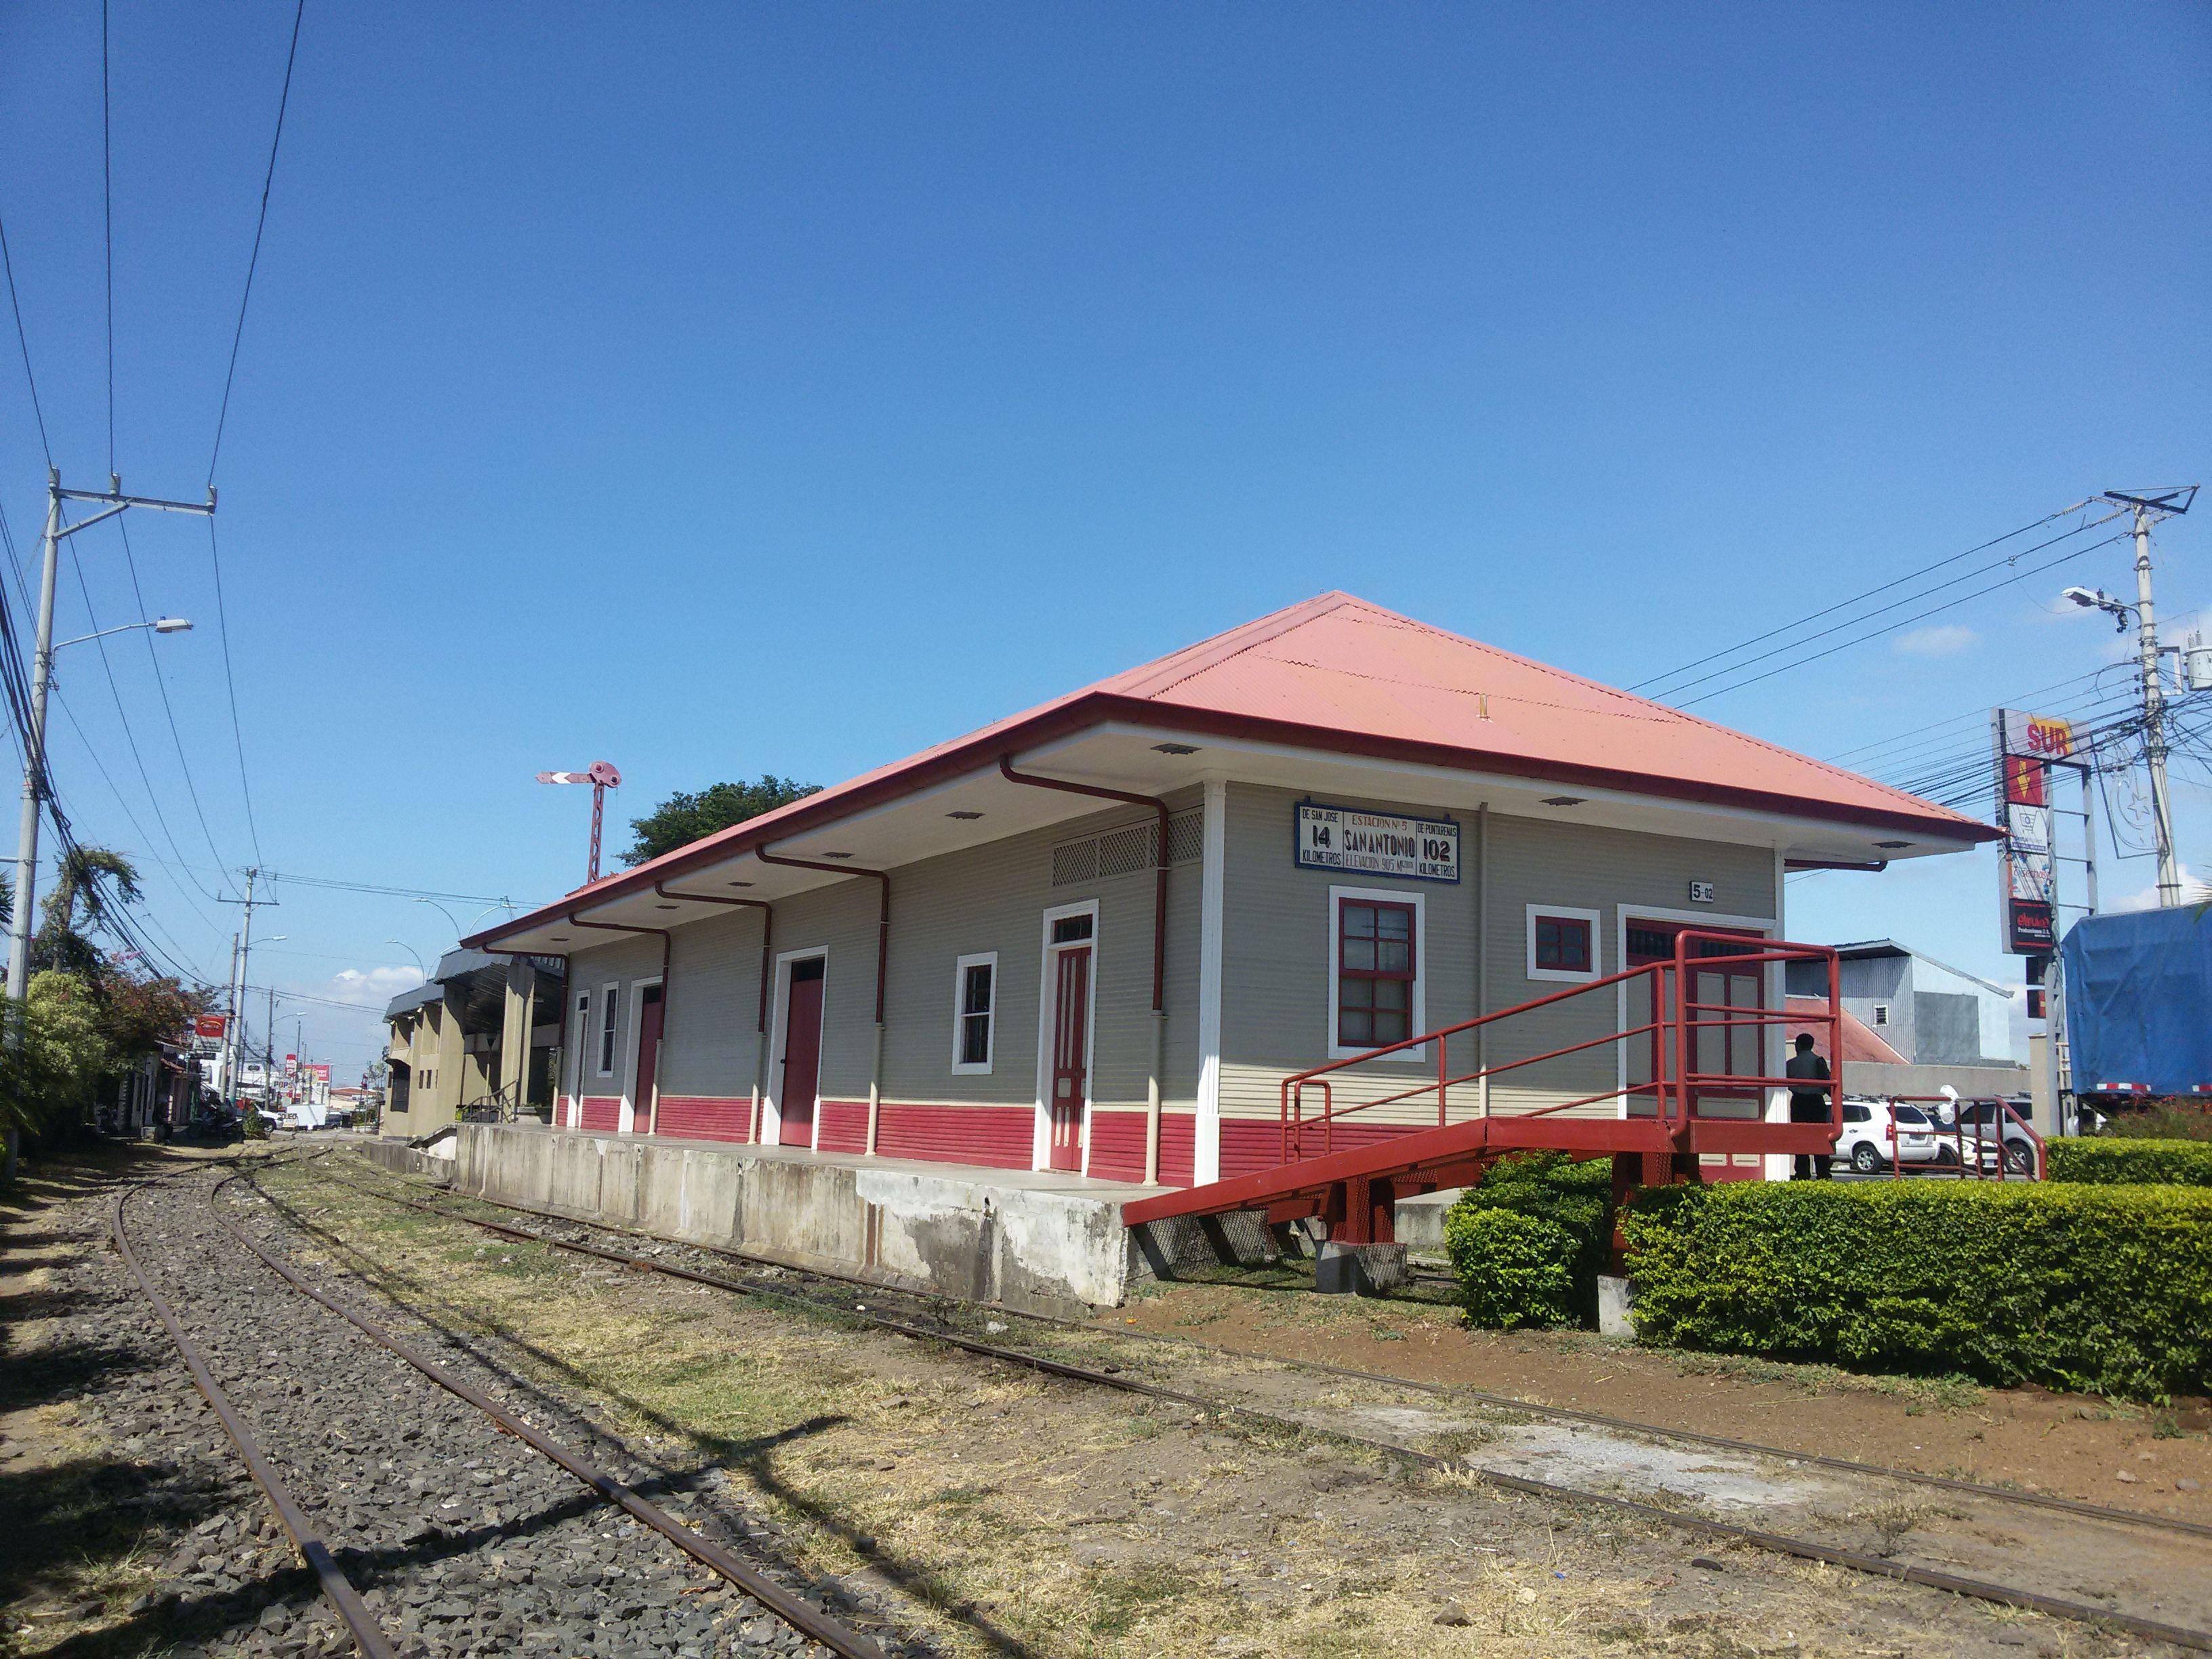 Resultado de imagen para antigua estación del ferrocarril No. 5, san antonio, belen, heredia